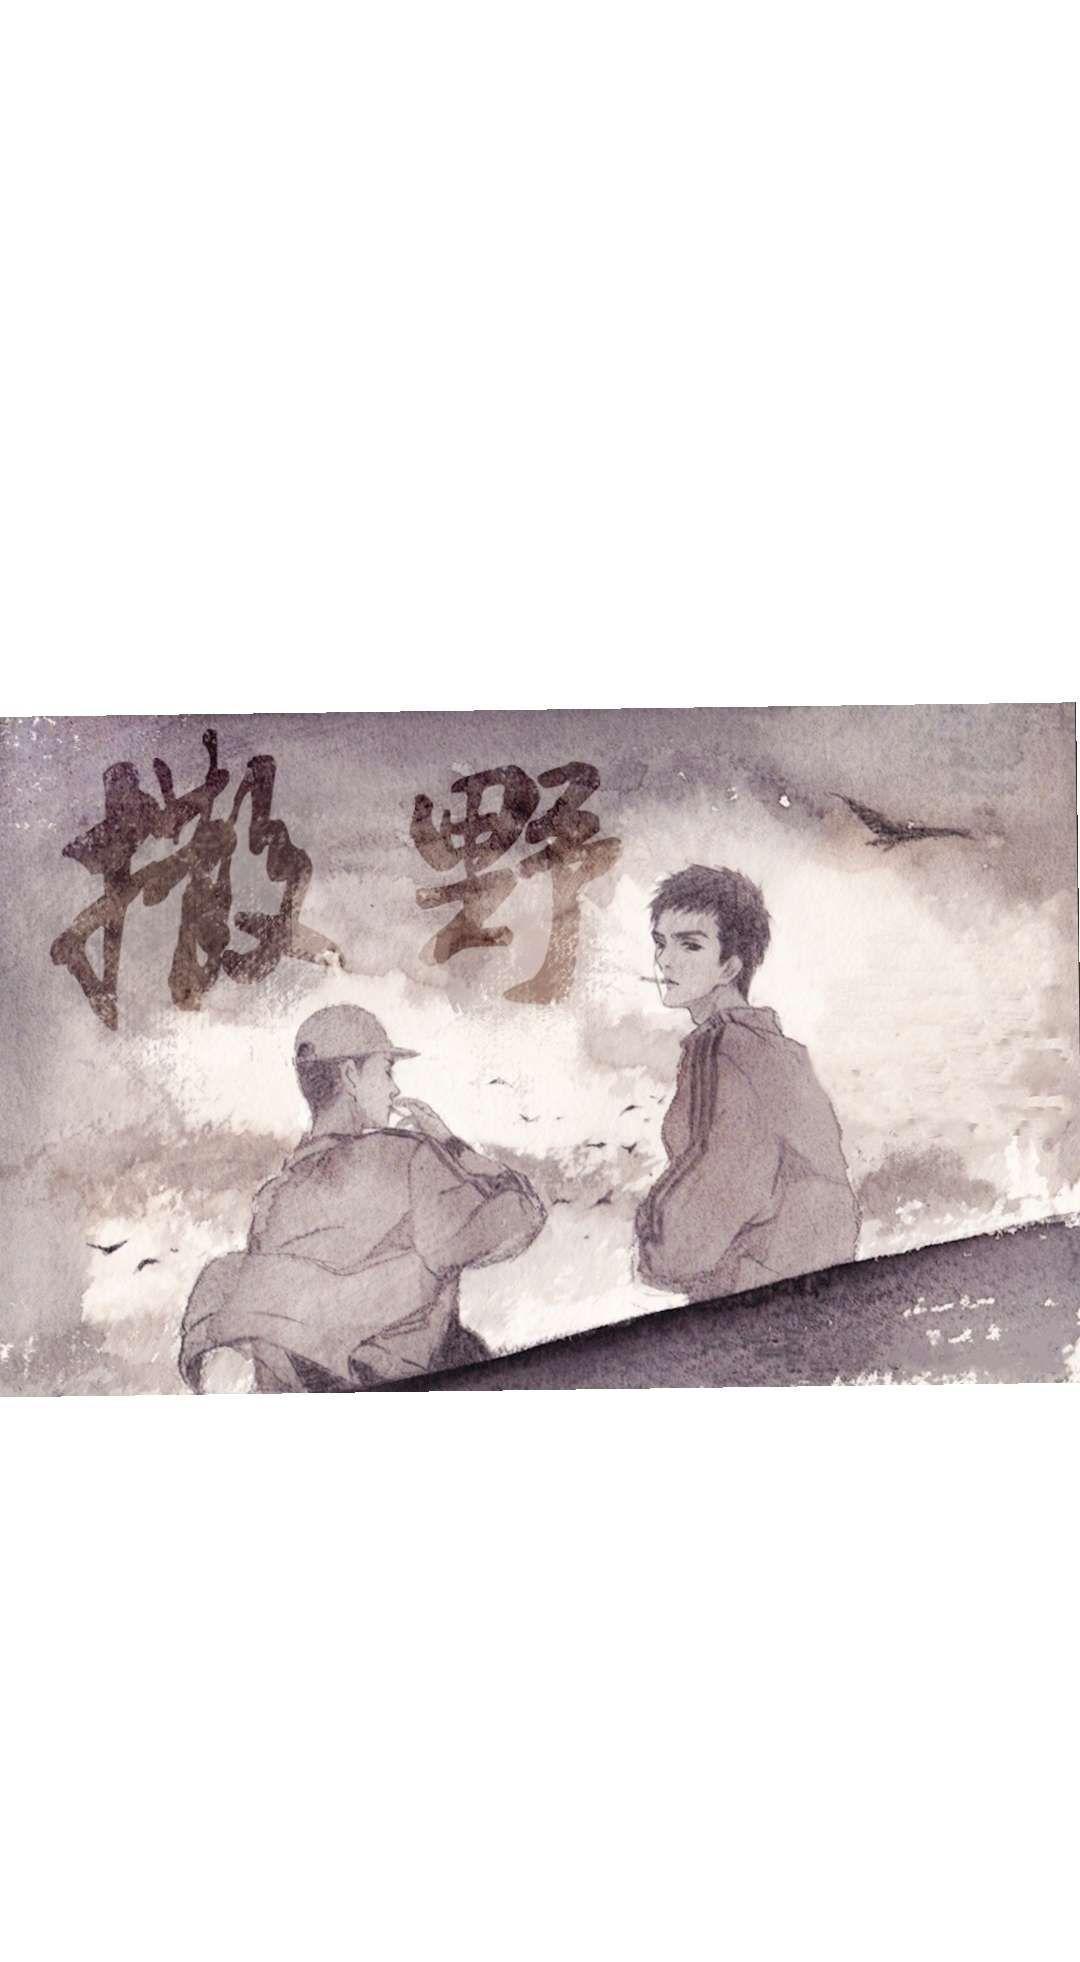 有没有人把撒野图书的照片拍的特别好看的 想当壁纸?